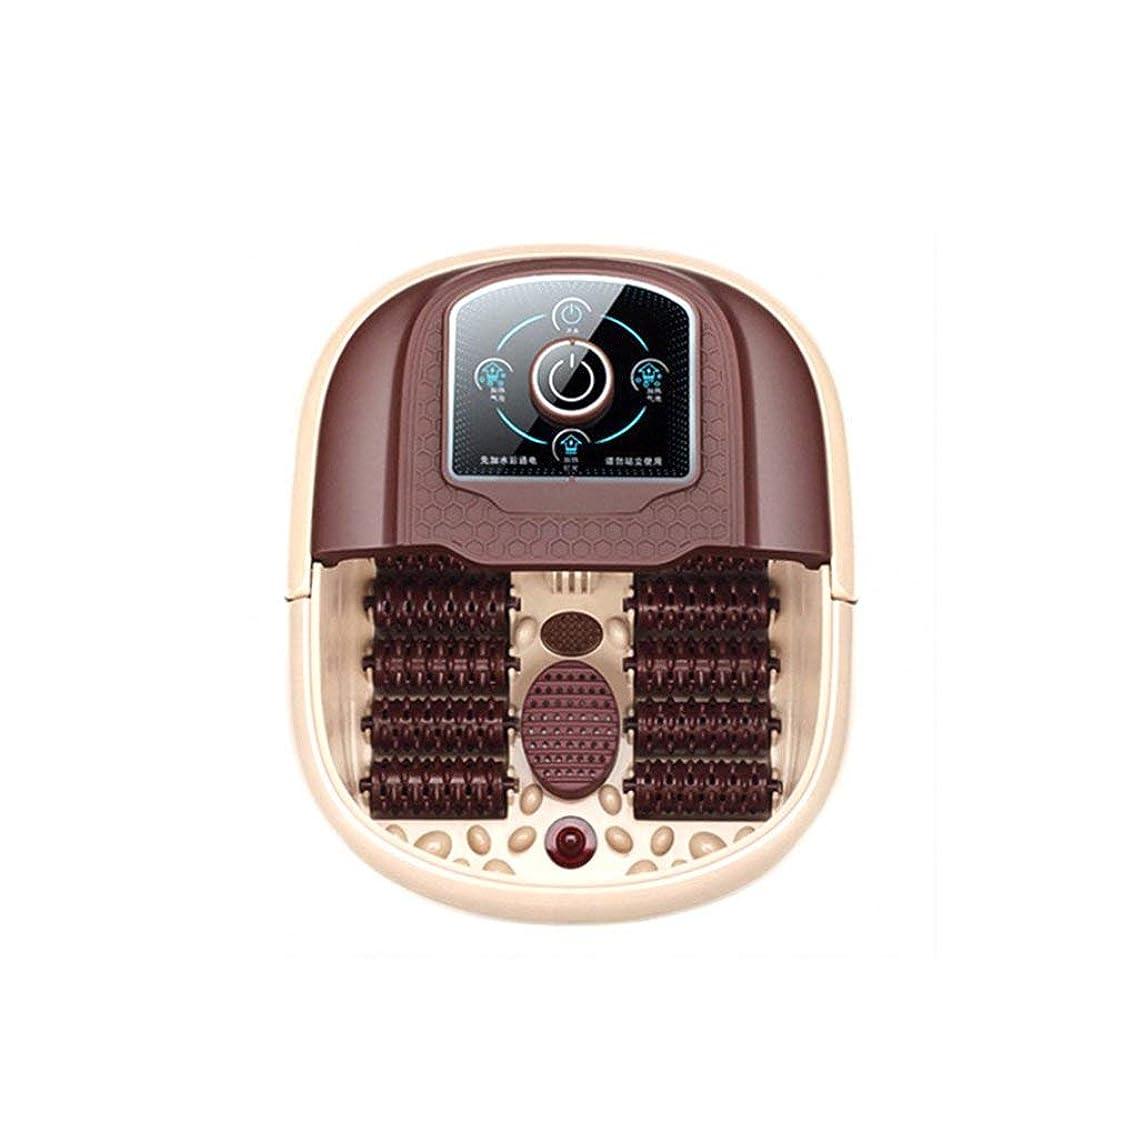 あいにくマナー追う友人や親戚のために足浴槽自動暖房フットホームヘルスフットマッサージフットバスプロモーションギフト